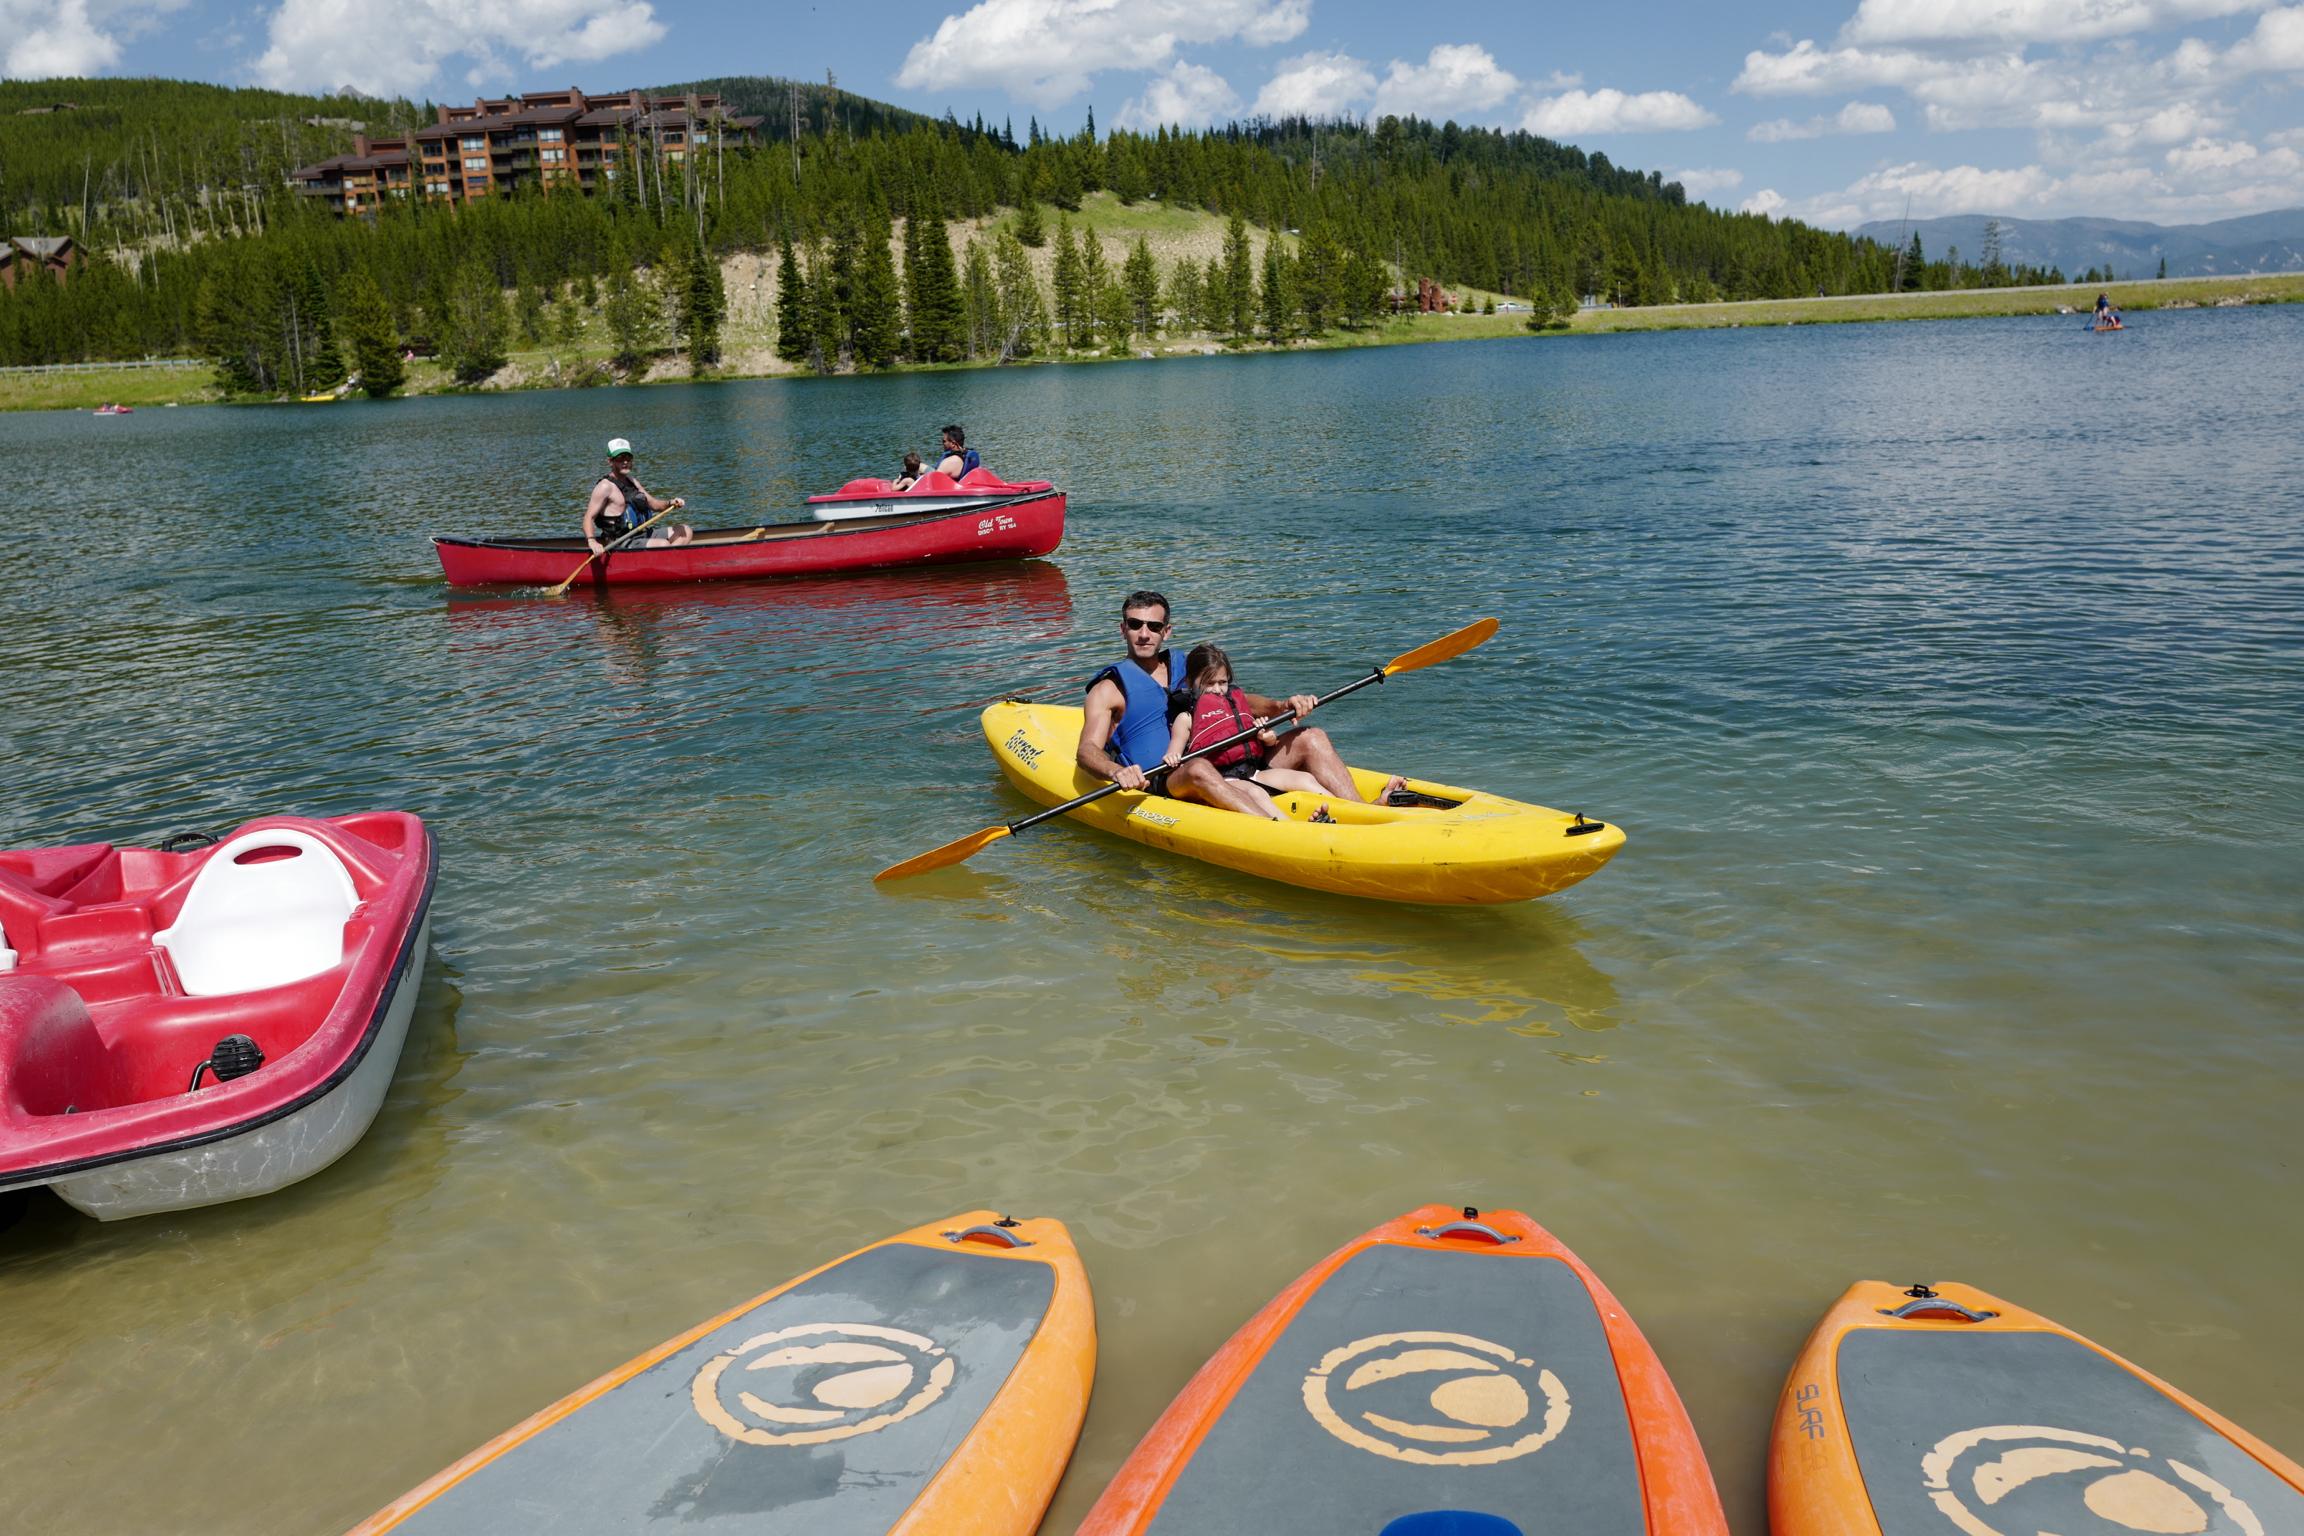 Kayaking on a nearby lake